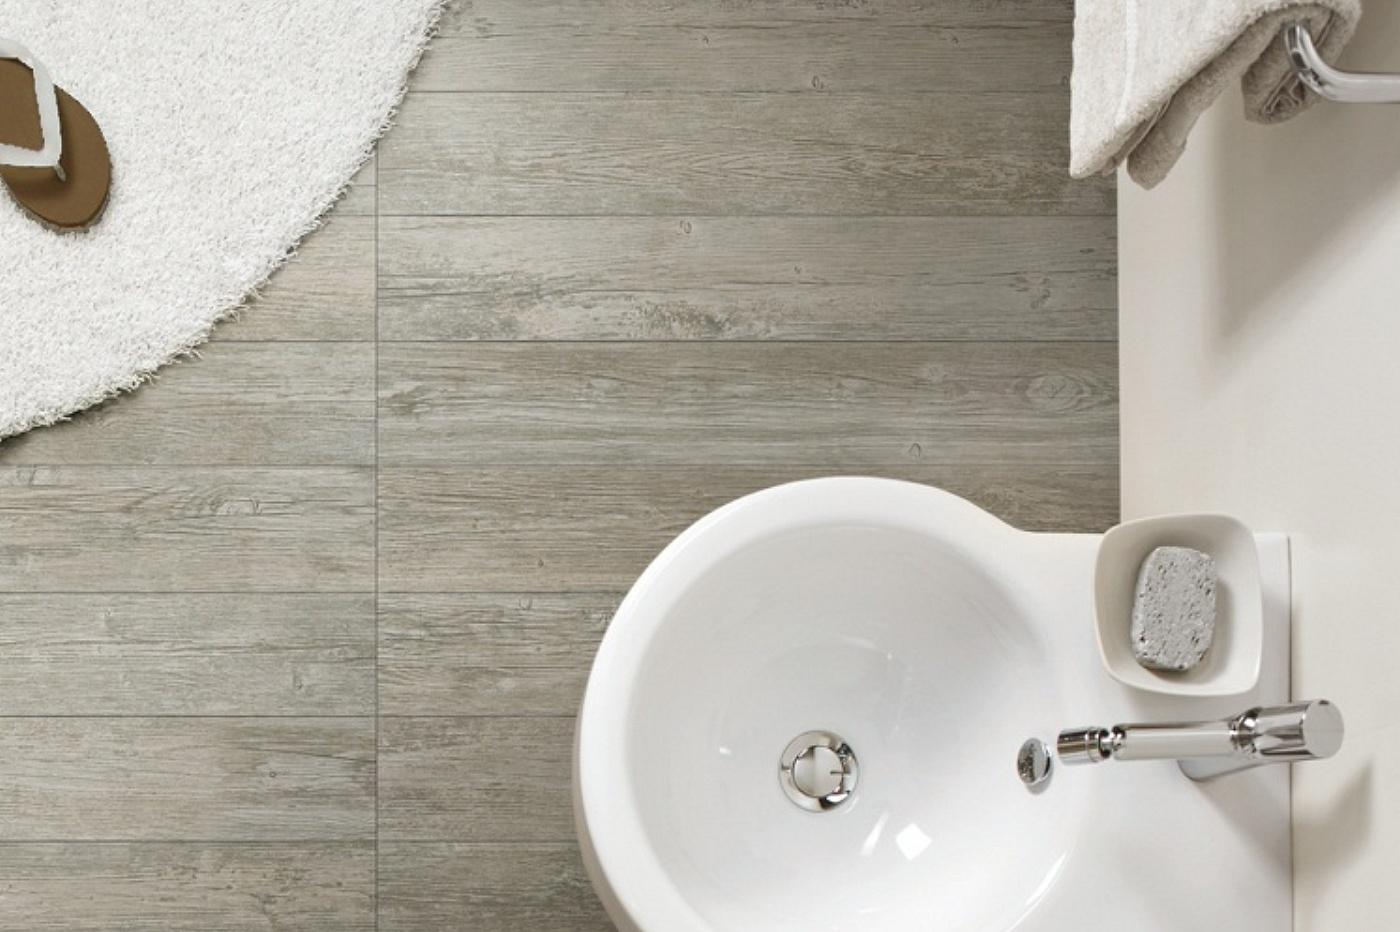 Ceramiche sassuolo sm di sacchi marco gres porcellanato effetto legno prezzi - Pavimenti bagno prezzi ...